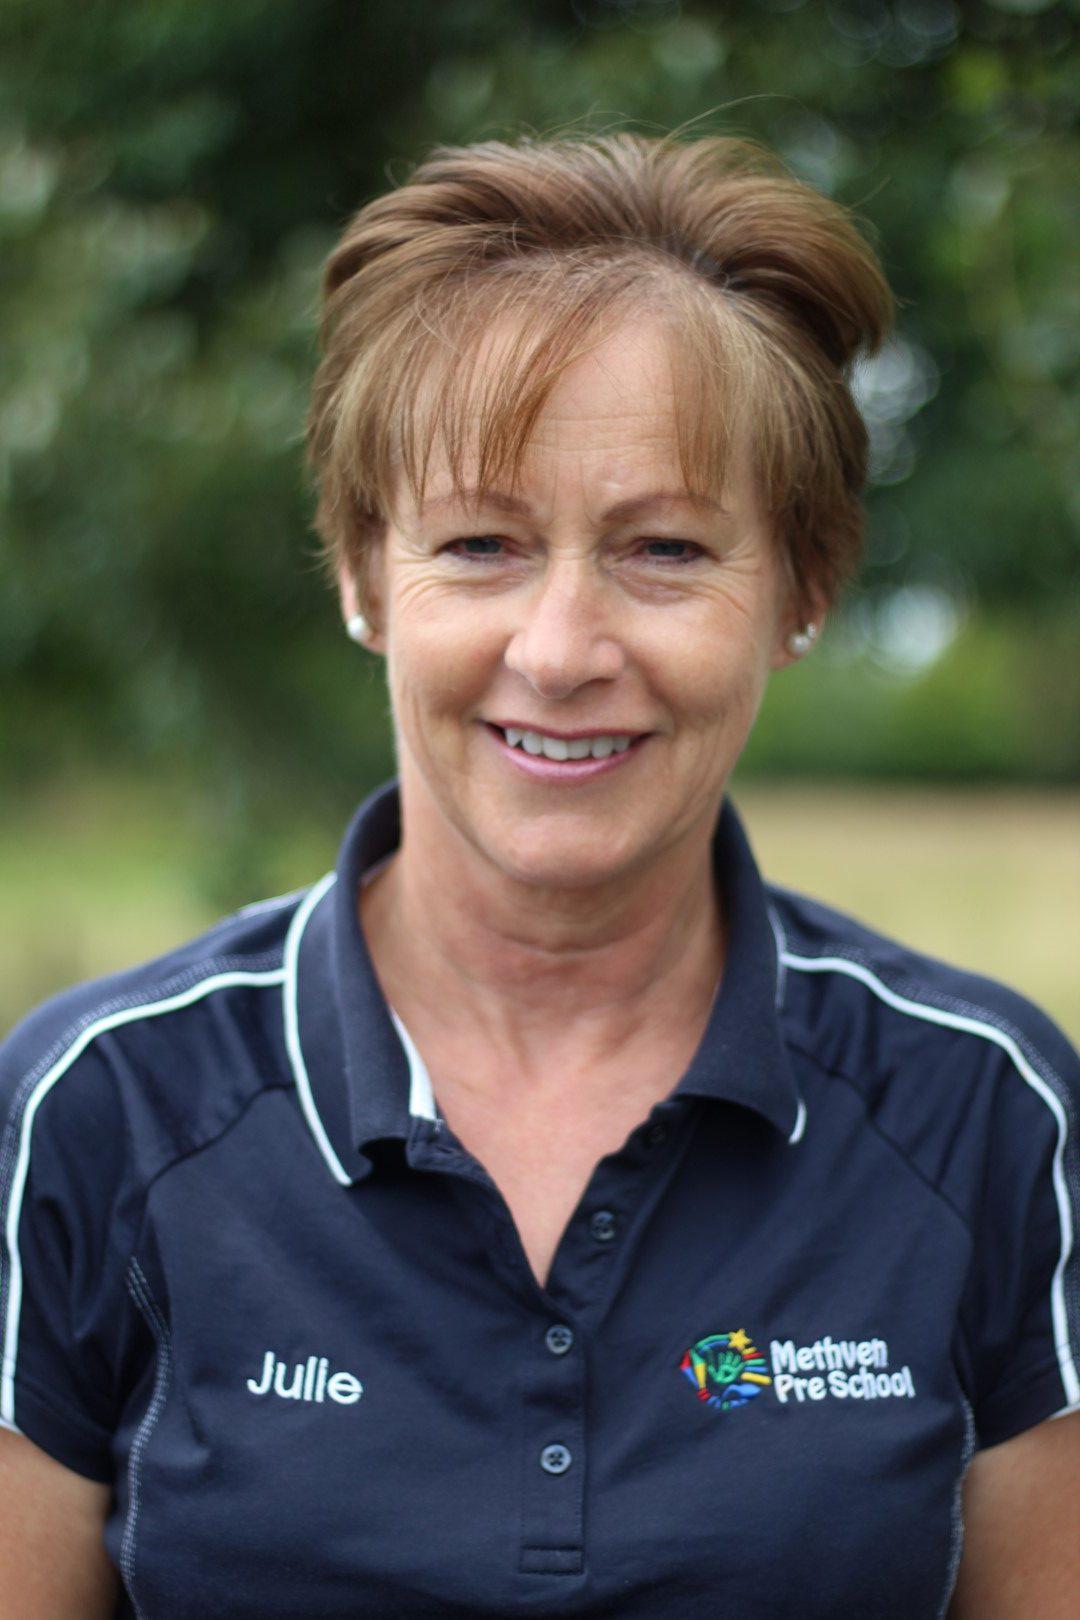 Julie Cuneen